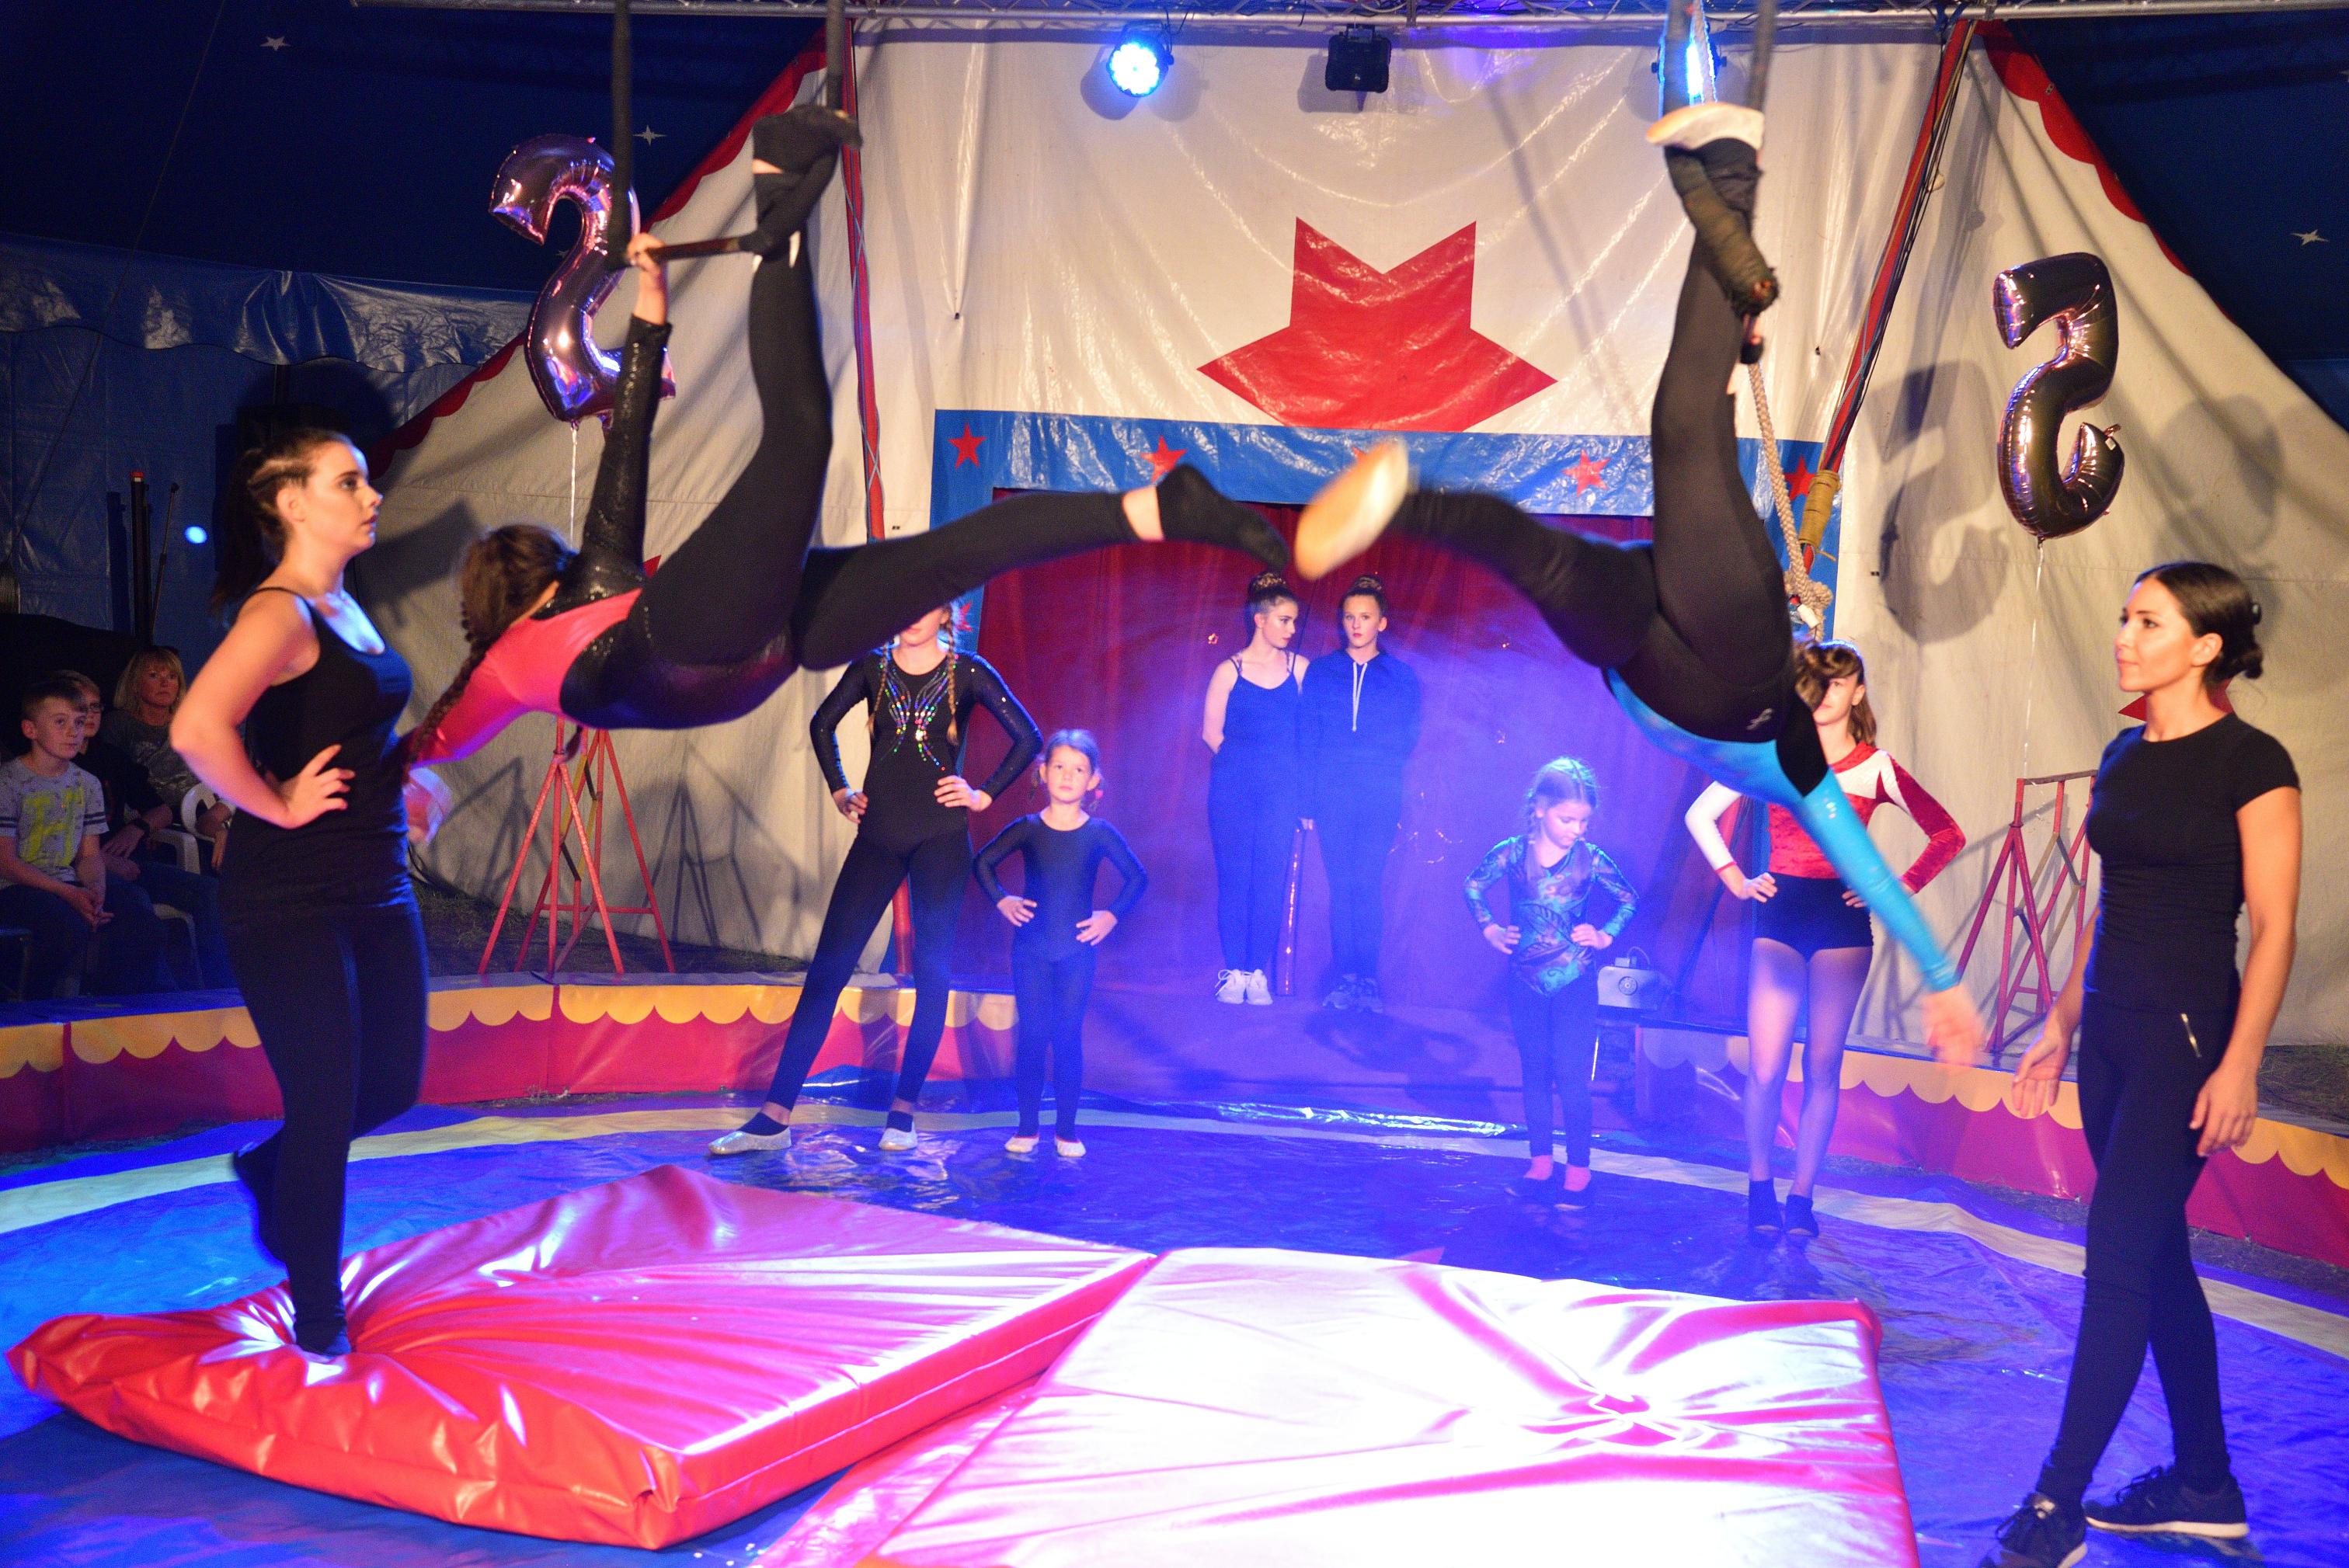 Festival 2018 -25 Jahre Circus Bambi